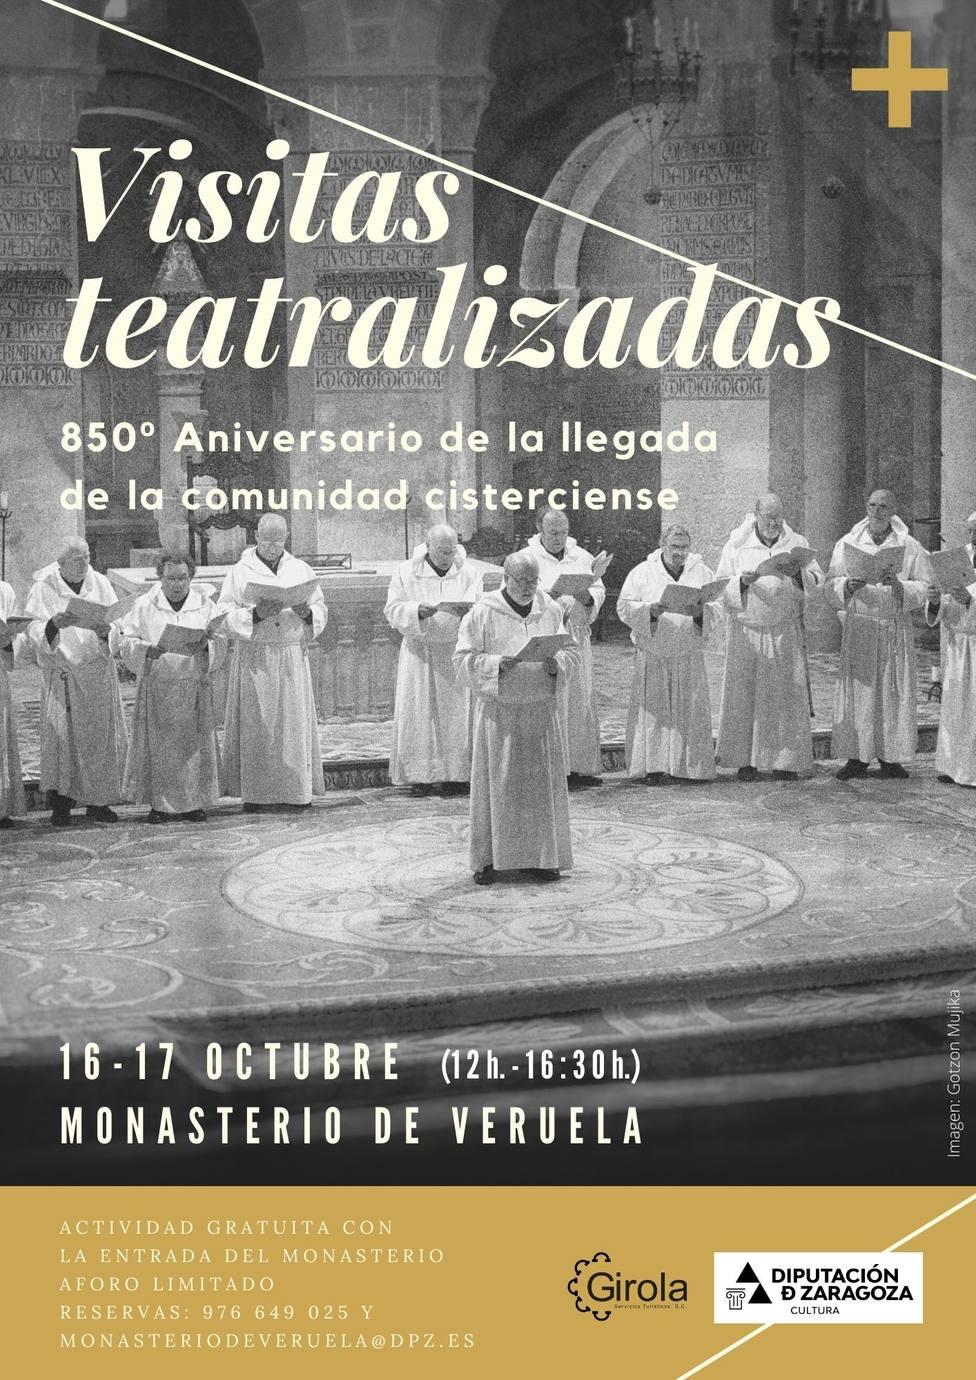 Visitas al Monasterio de Veruela